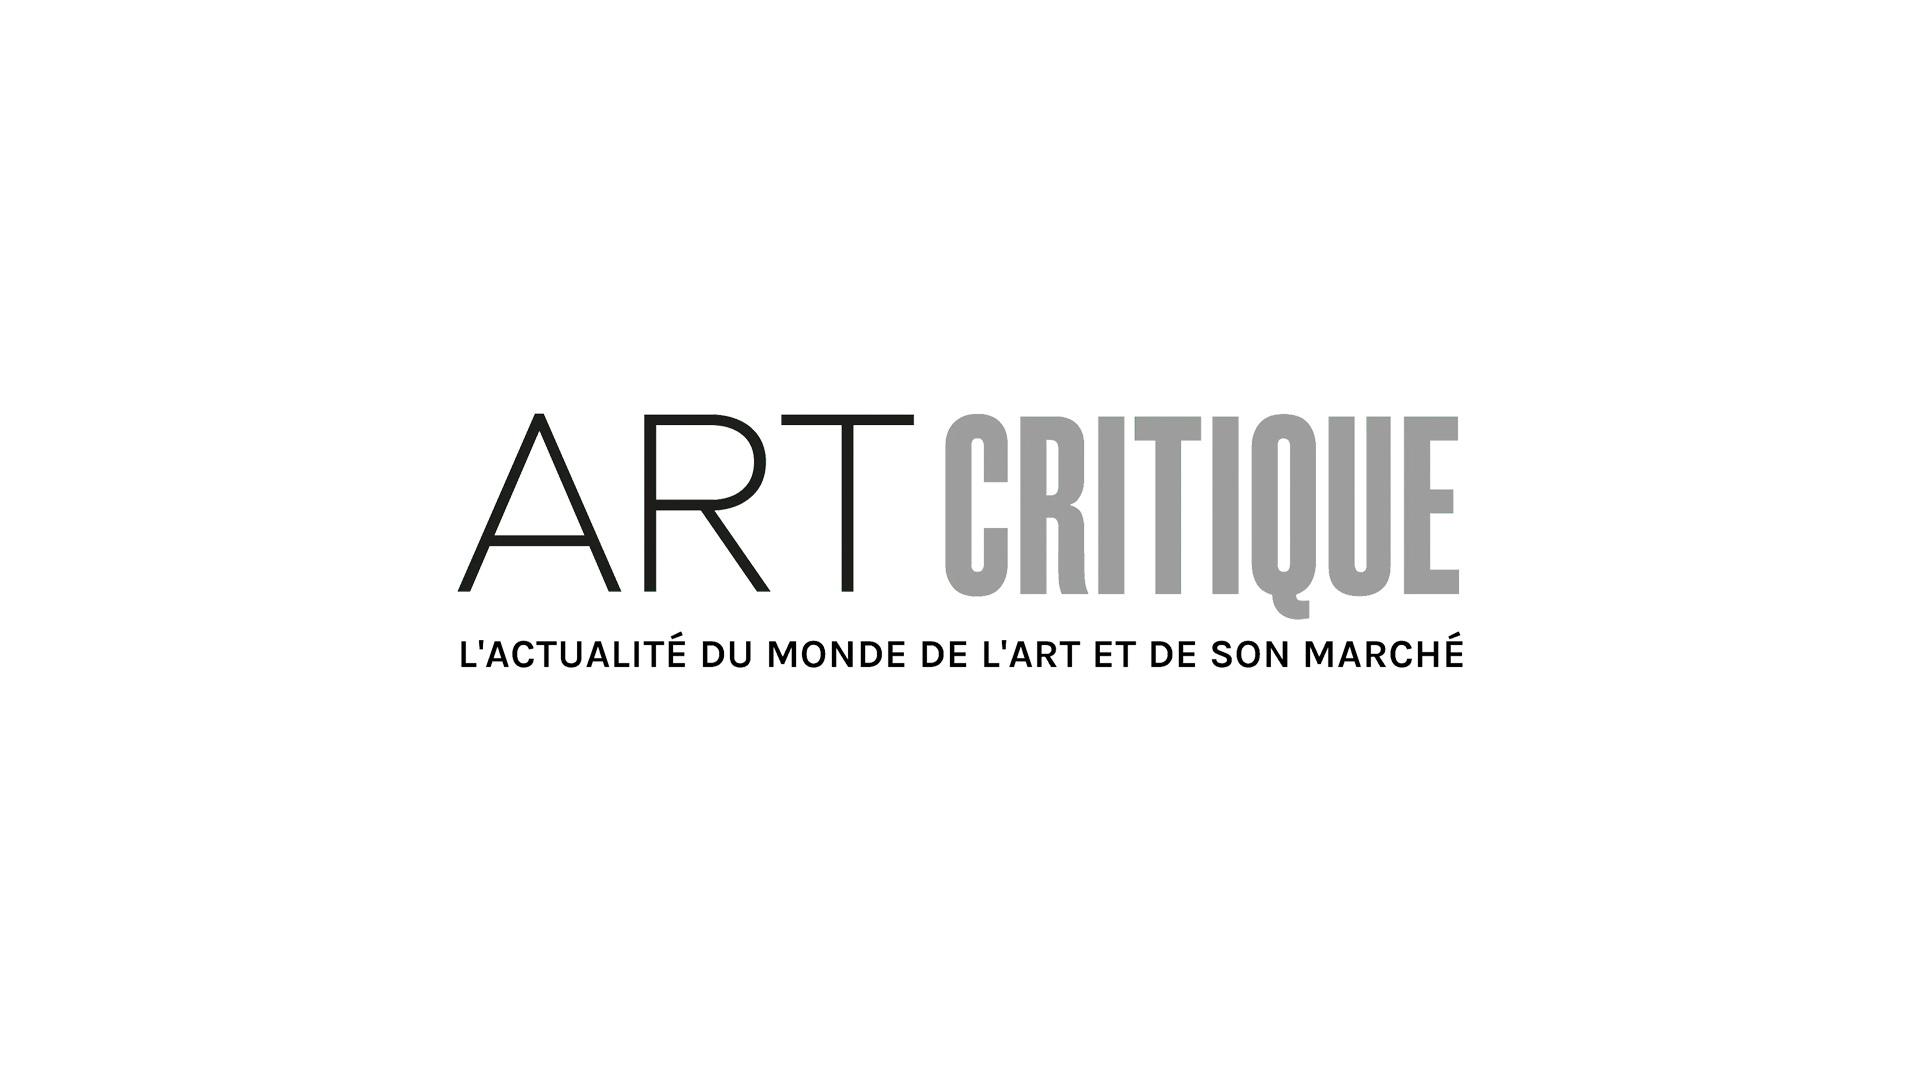 Roman Stańczak's 'Flight' reverses the norm for the Polish Pavilion at the 2019 Venice Biennale